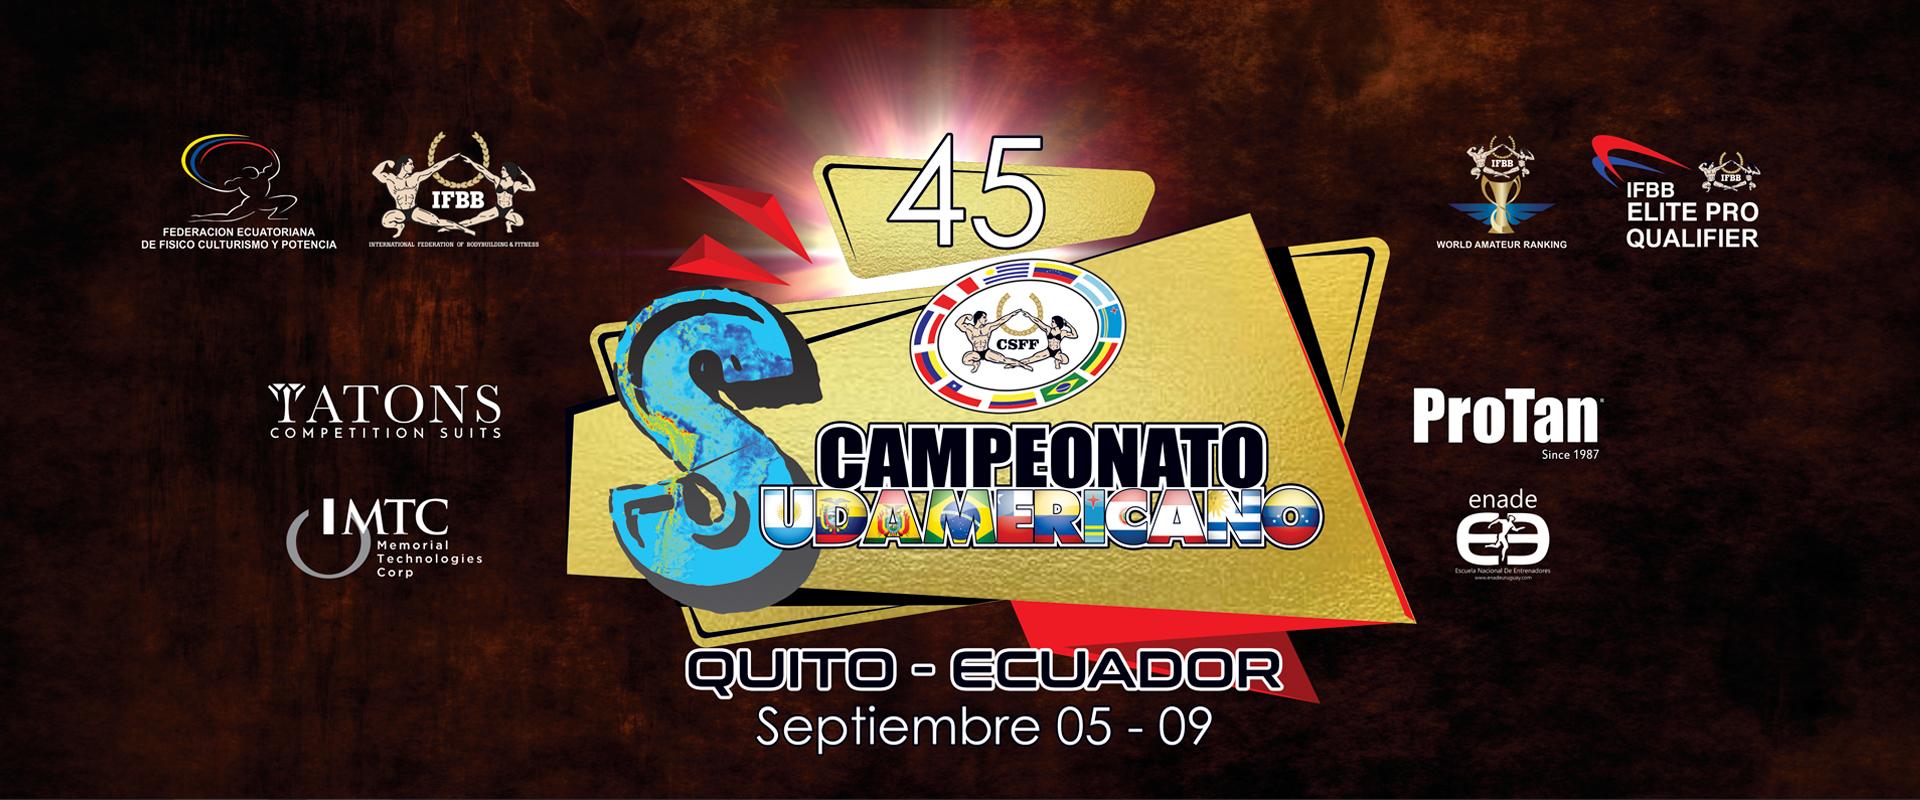 Programa de Competencias 45 Campeonato Sudamericano